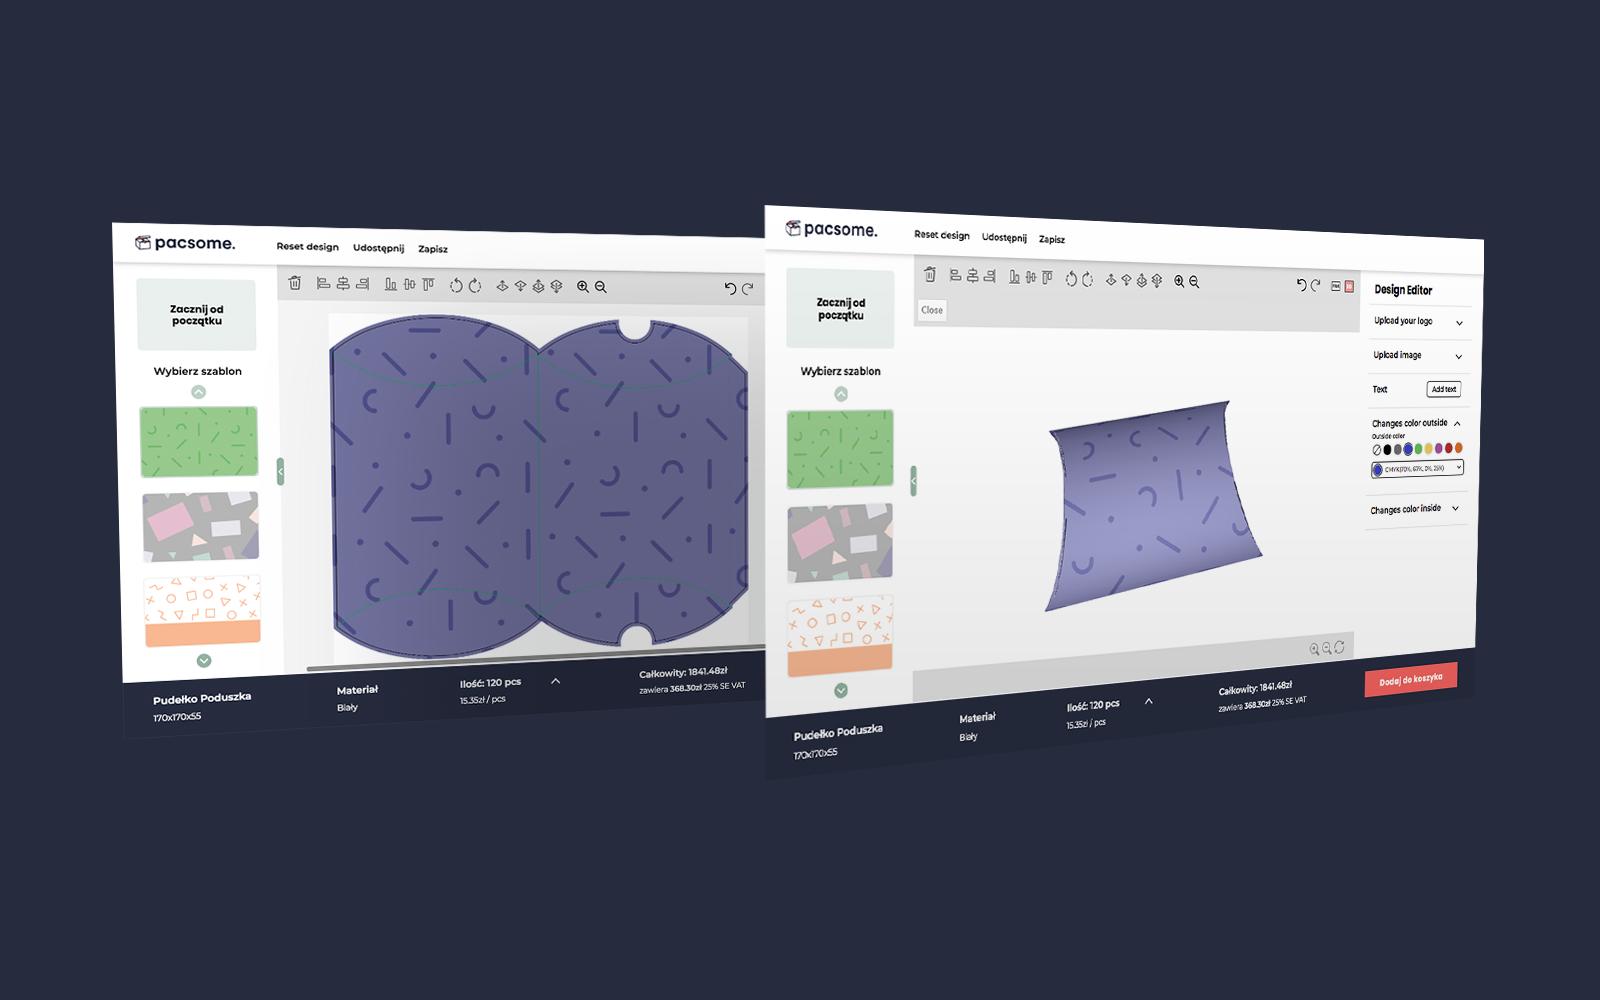 projekt produktu w wersji płaskiej oraz 3D